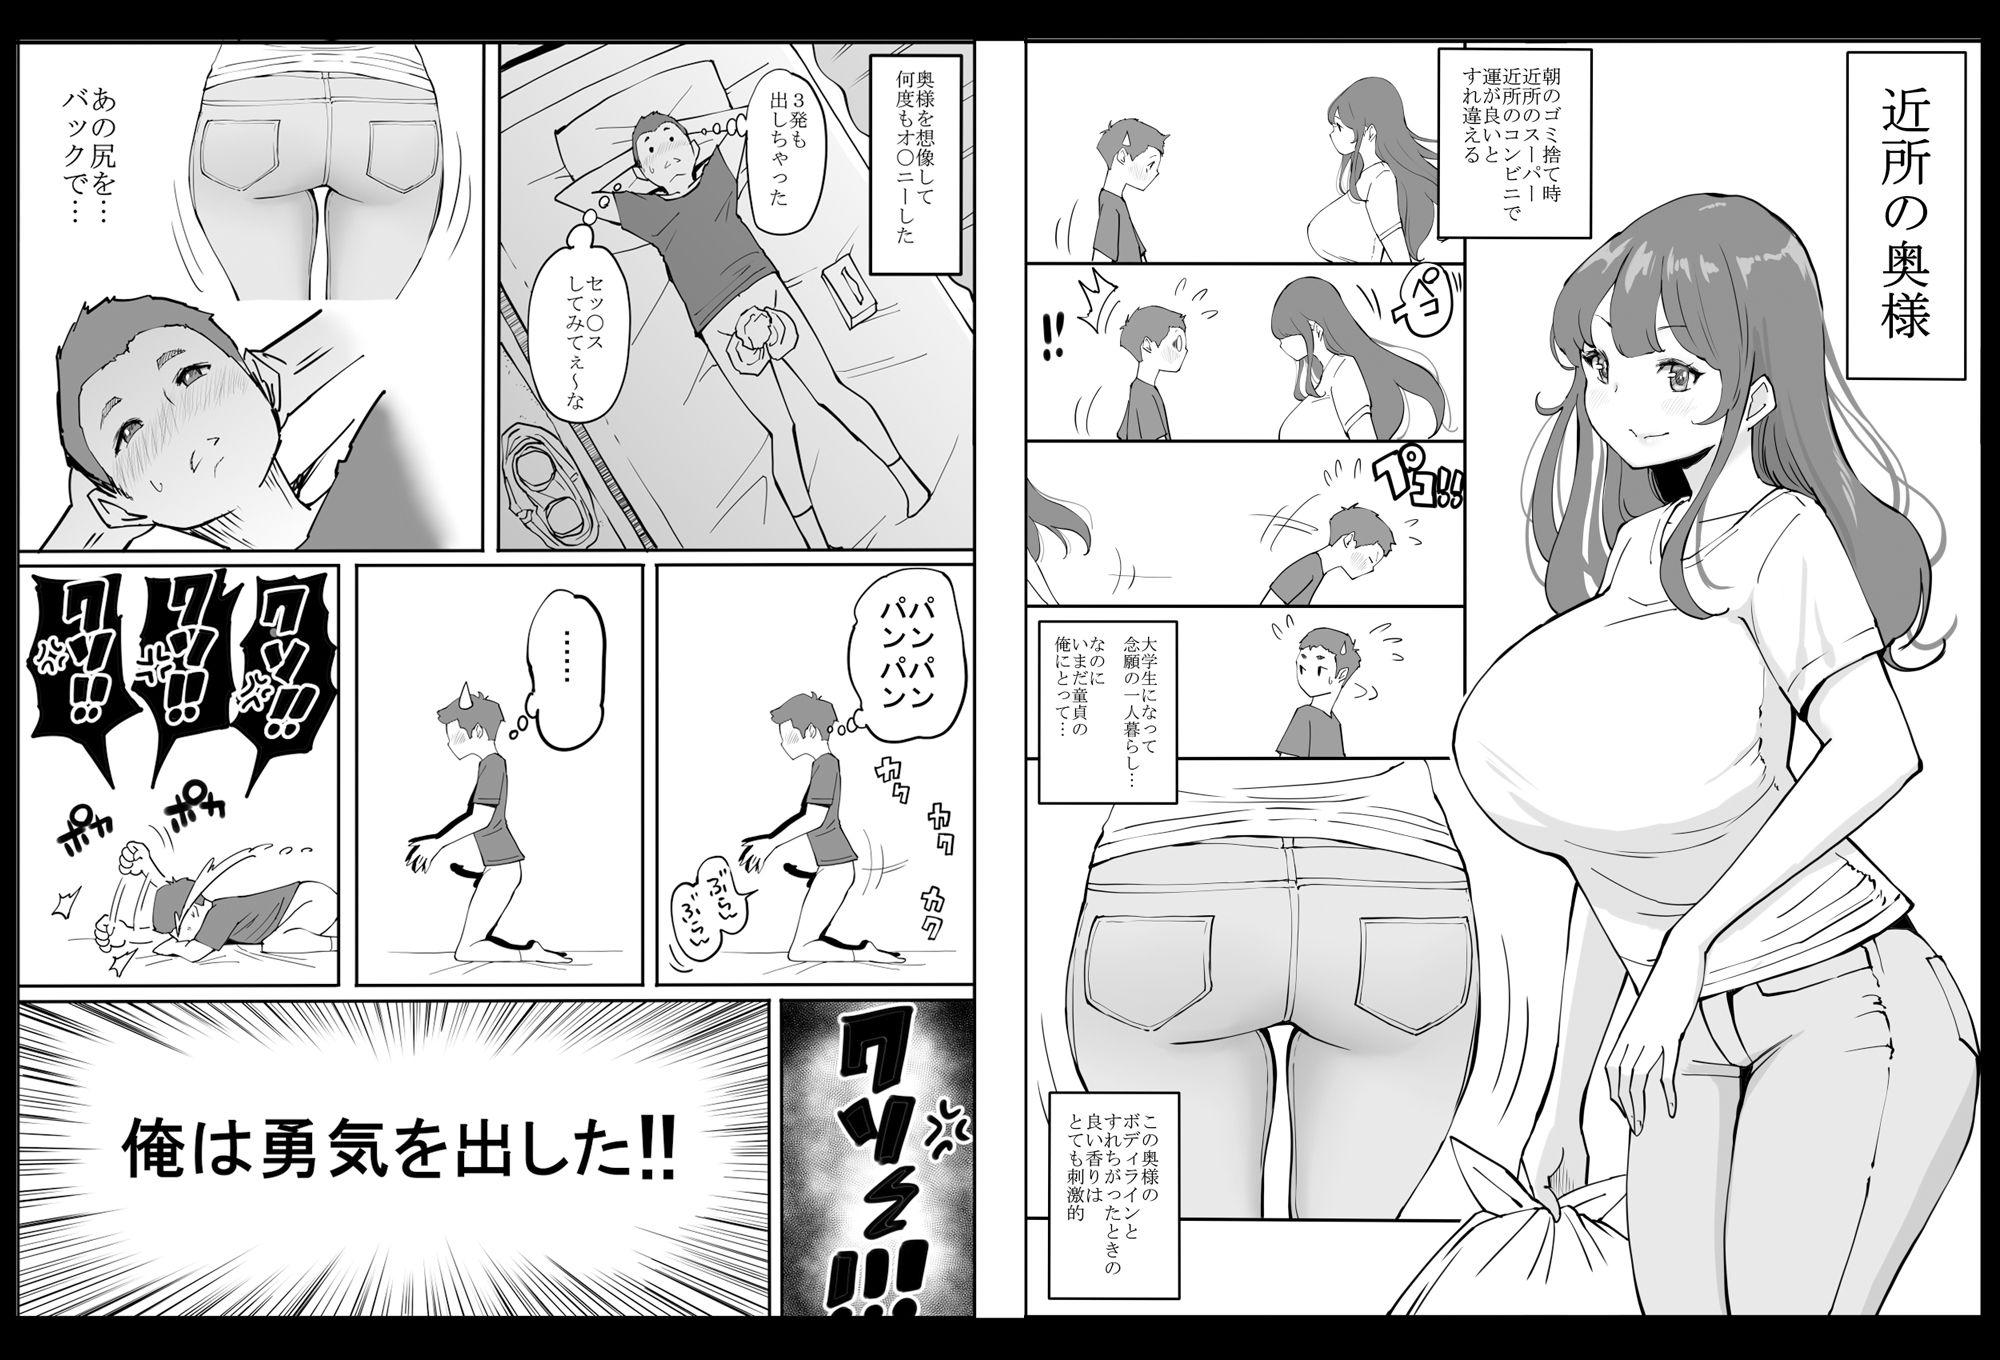 僕にセフレが出来た理由 ~安産型お尻の人妻編~のサンプル画像